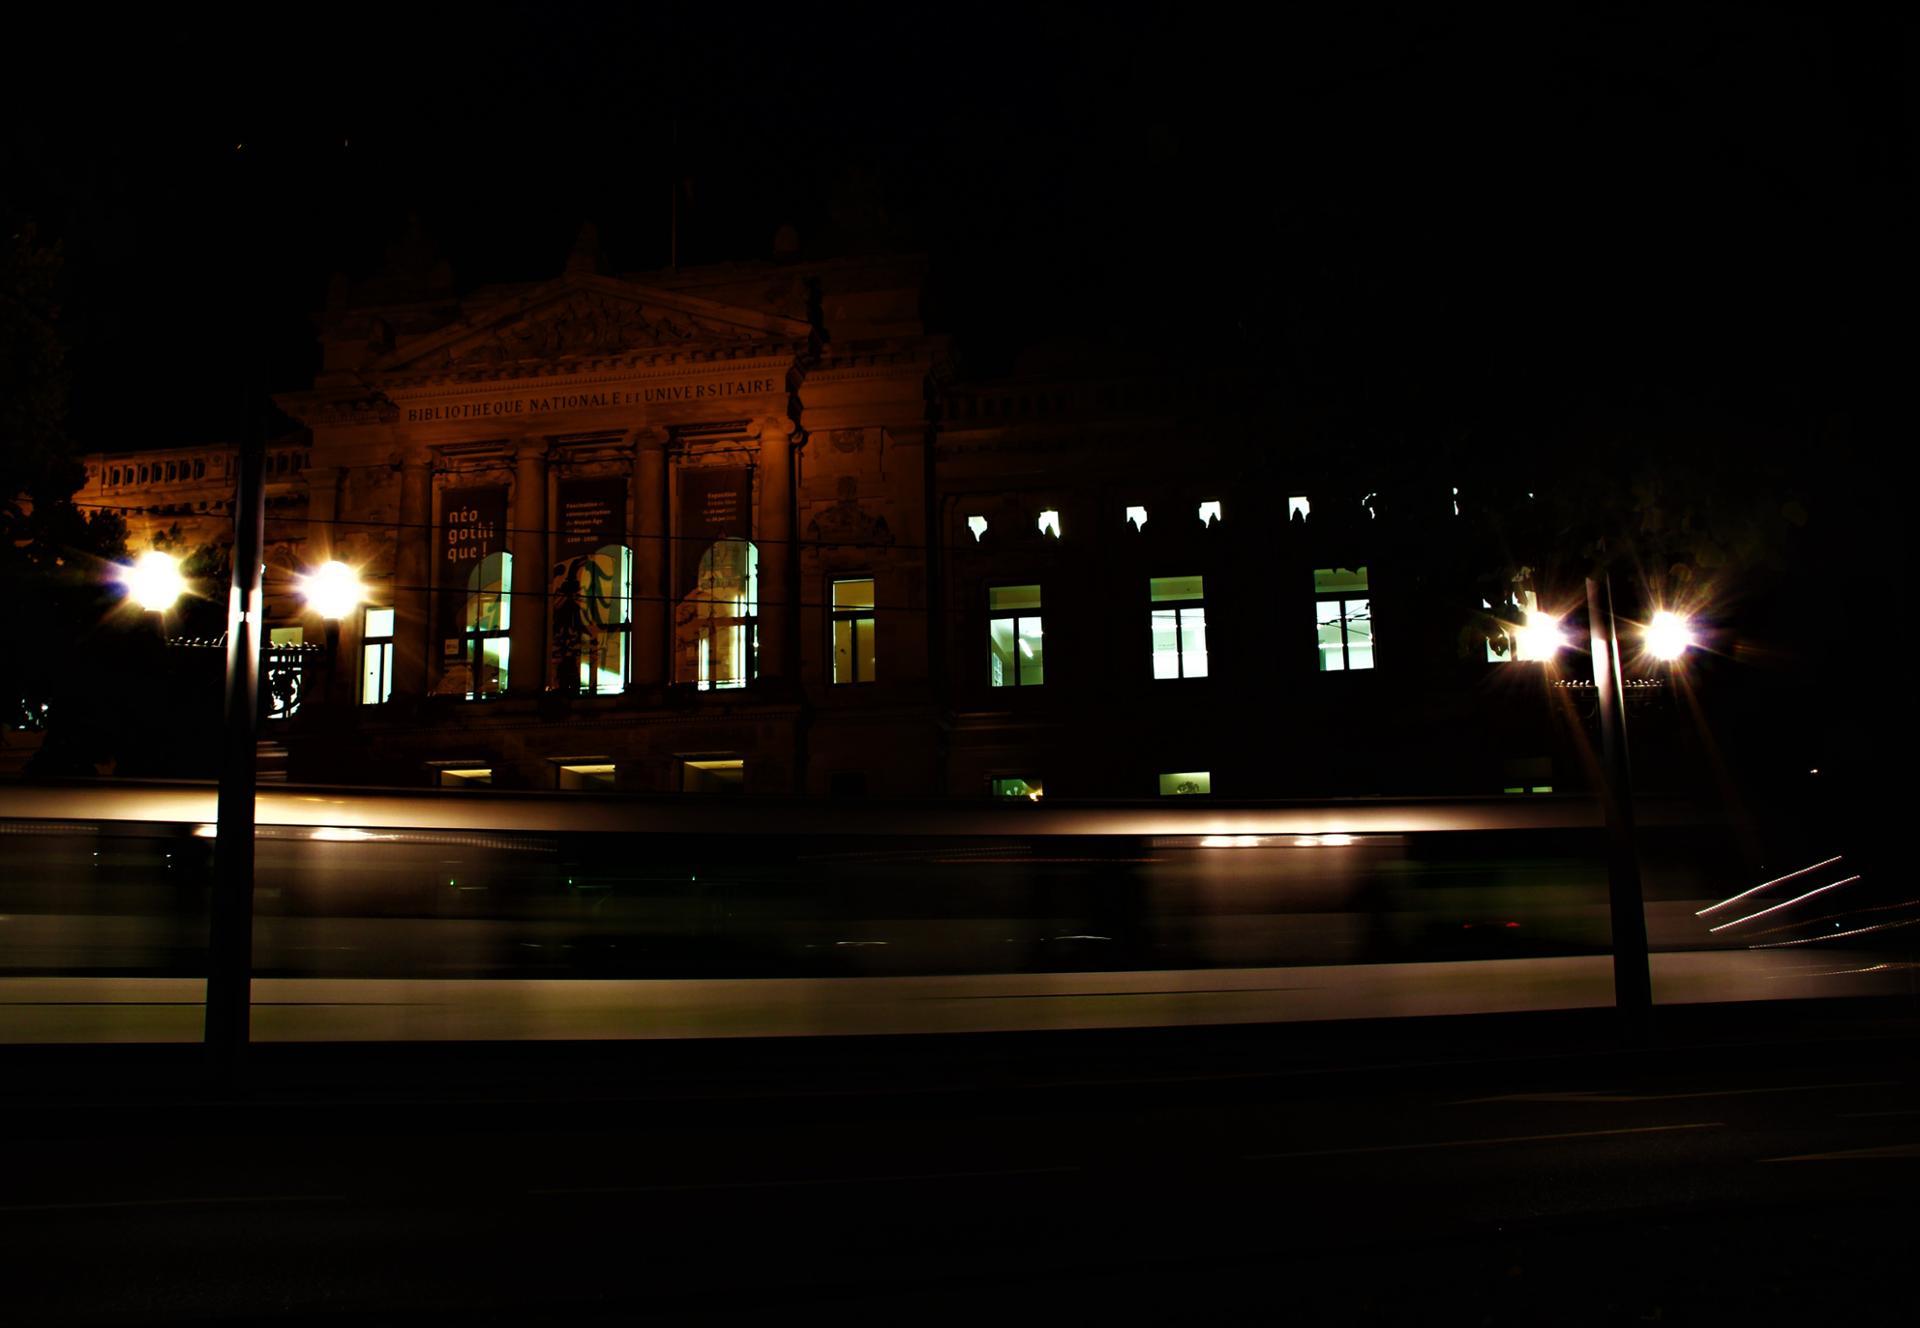 Rouler de nuit... à la vitesse de l'éclair pour rattraper le temps perdu !